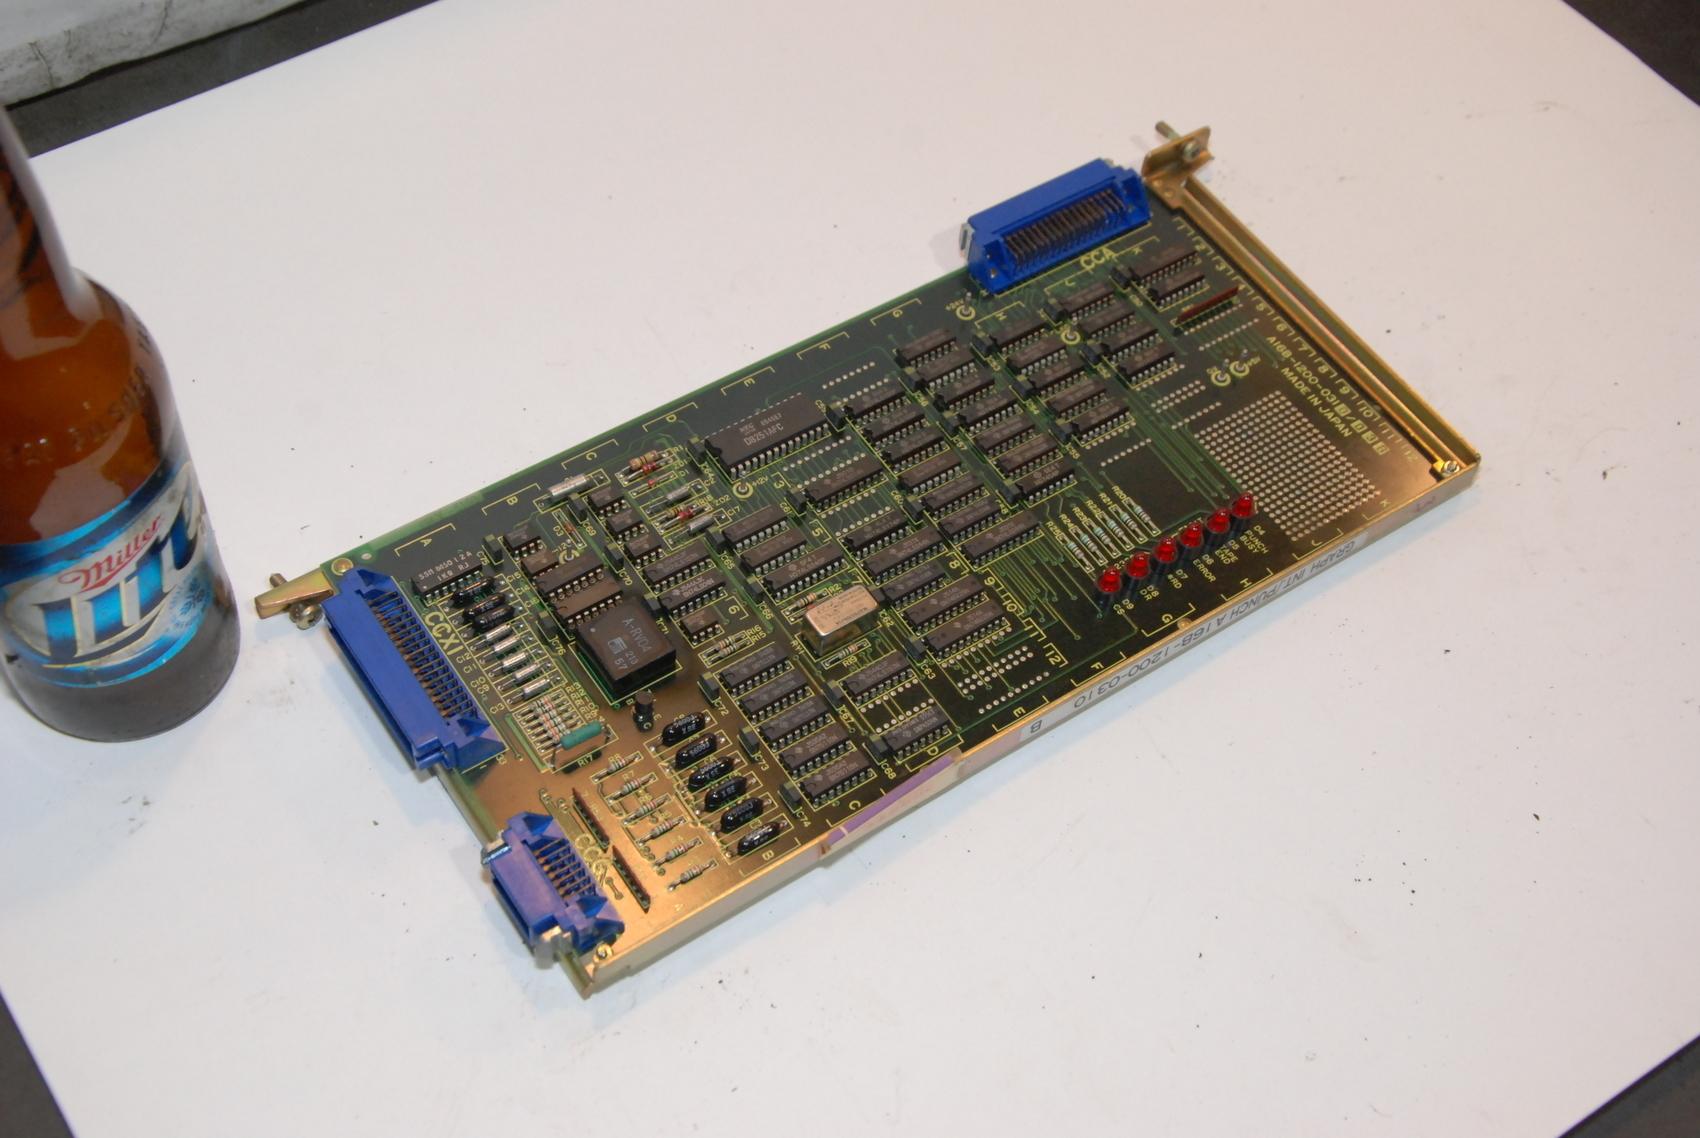 Fanuc A16B-1200-0310/03B board